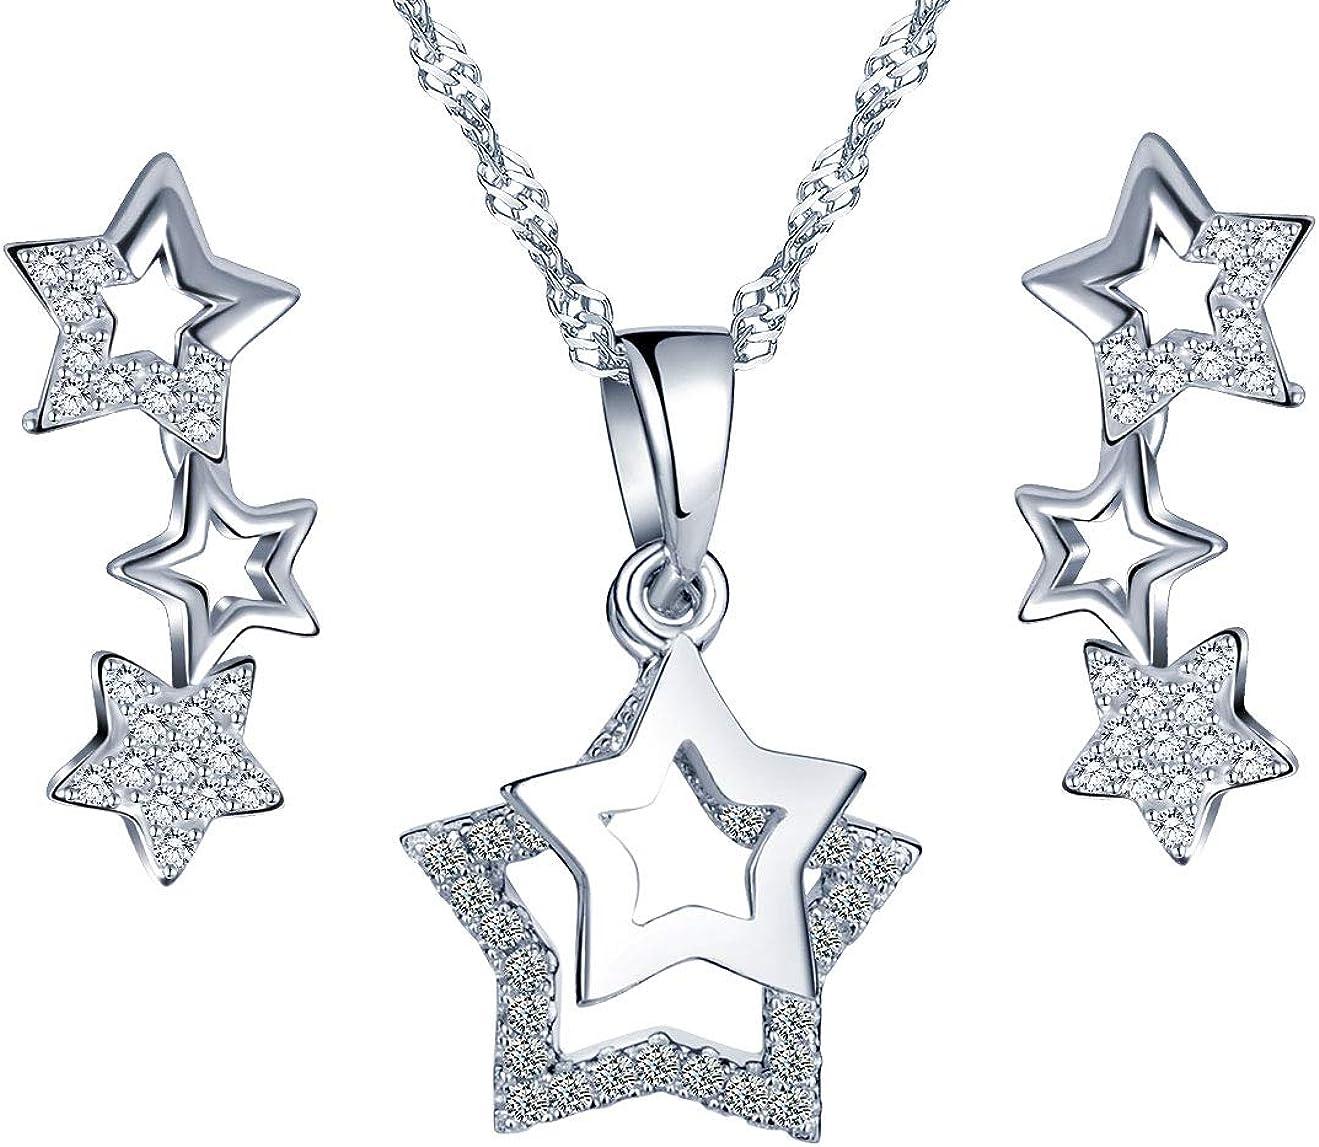 Collar de Plata esterlina 925, Colgante para niña Mujer, Anillo de Oreja de Estrella de Diamante, Decorado con circonita cúbica, Juegos de Joyas, Plata, Regalo de cumpleaños de Navidad